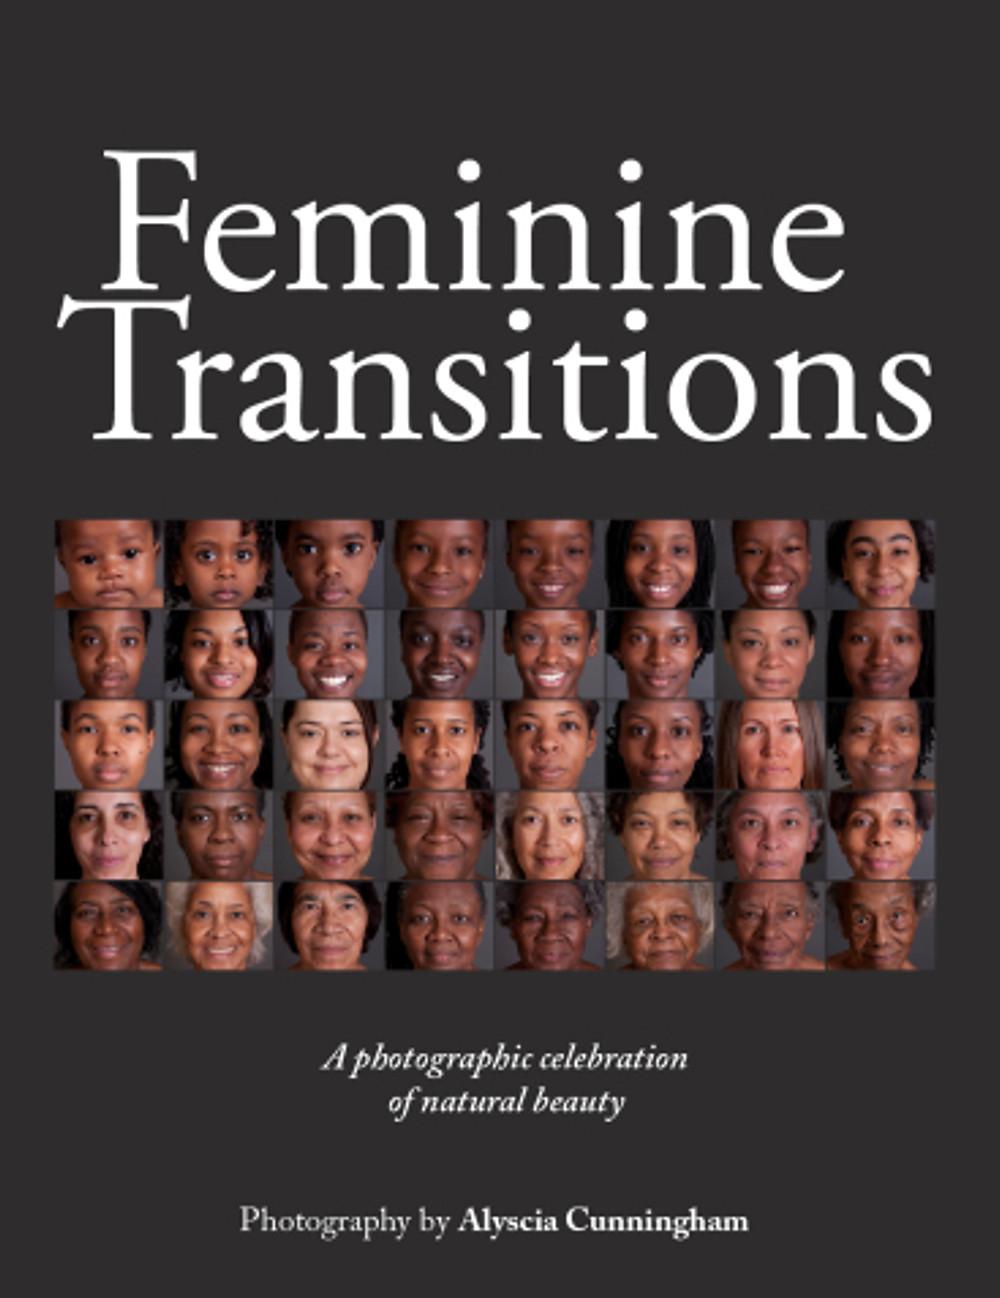 Feminine Transitions cover design